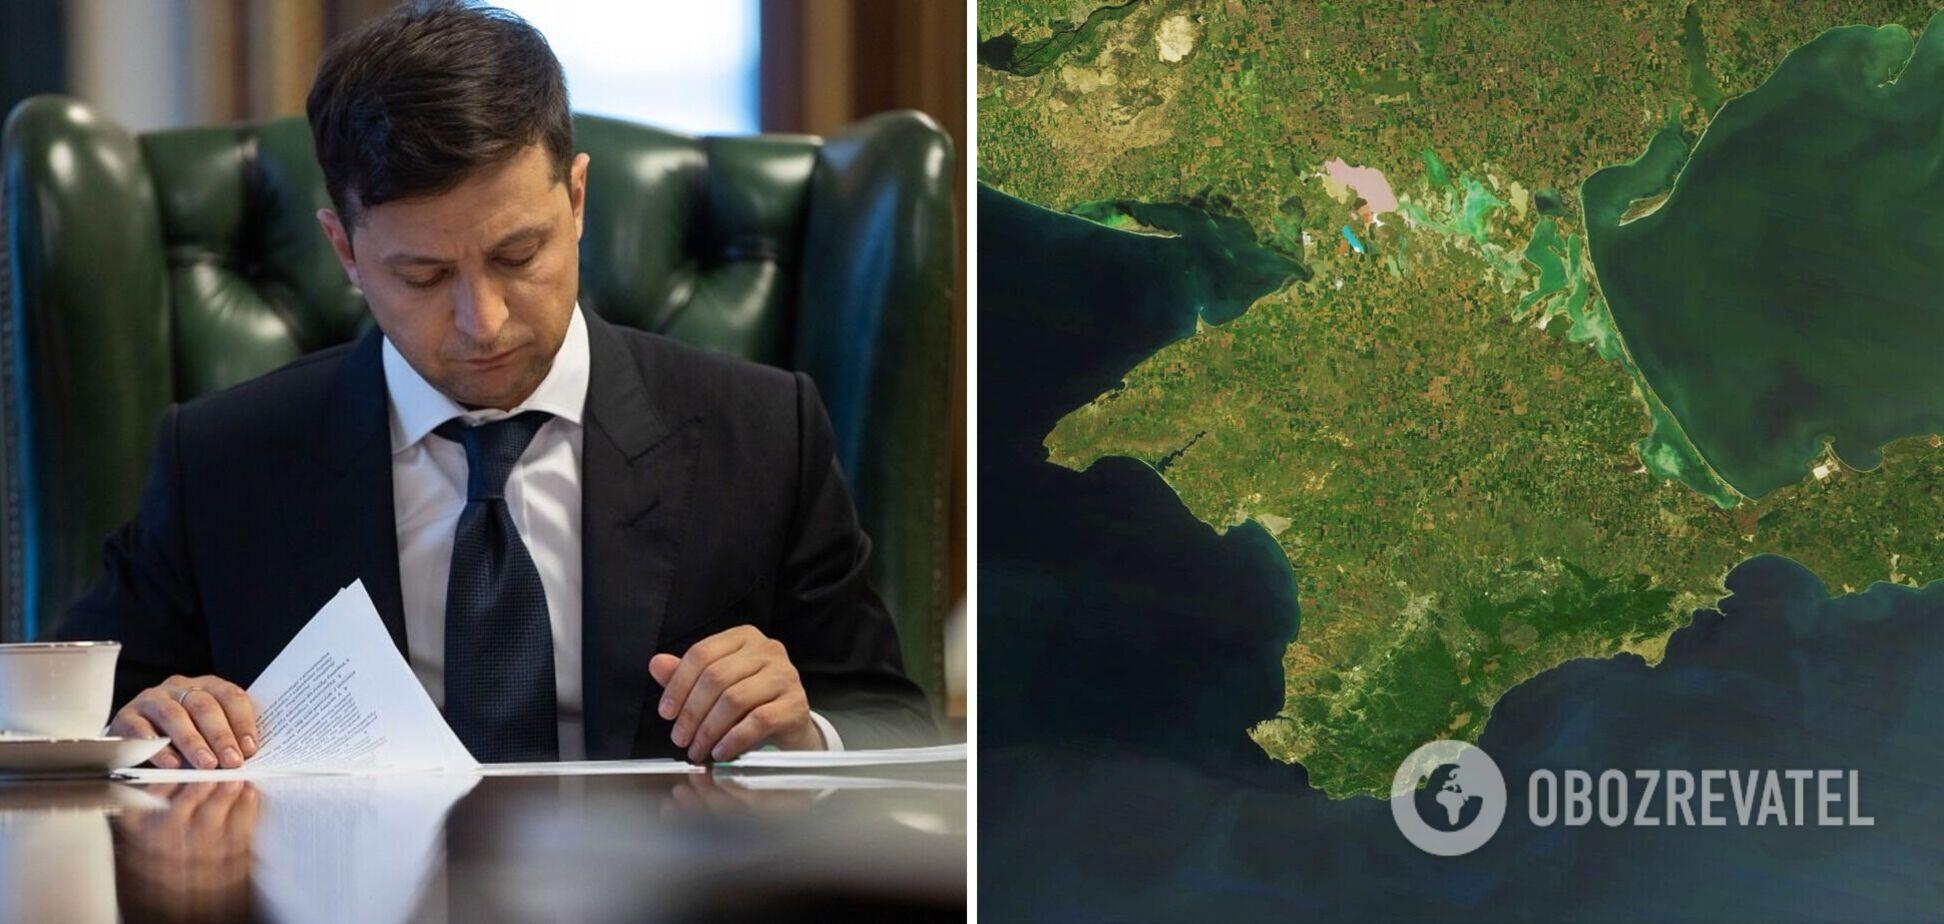 Зеленский утвердил стратегию по возвращению Крыма: опубликован текст